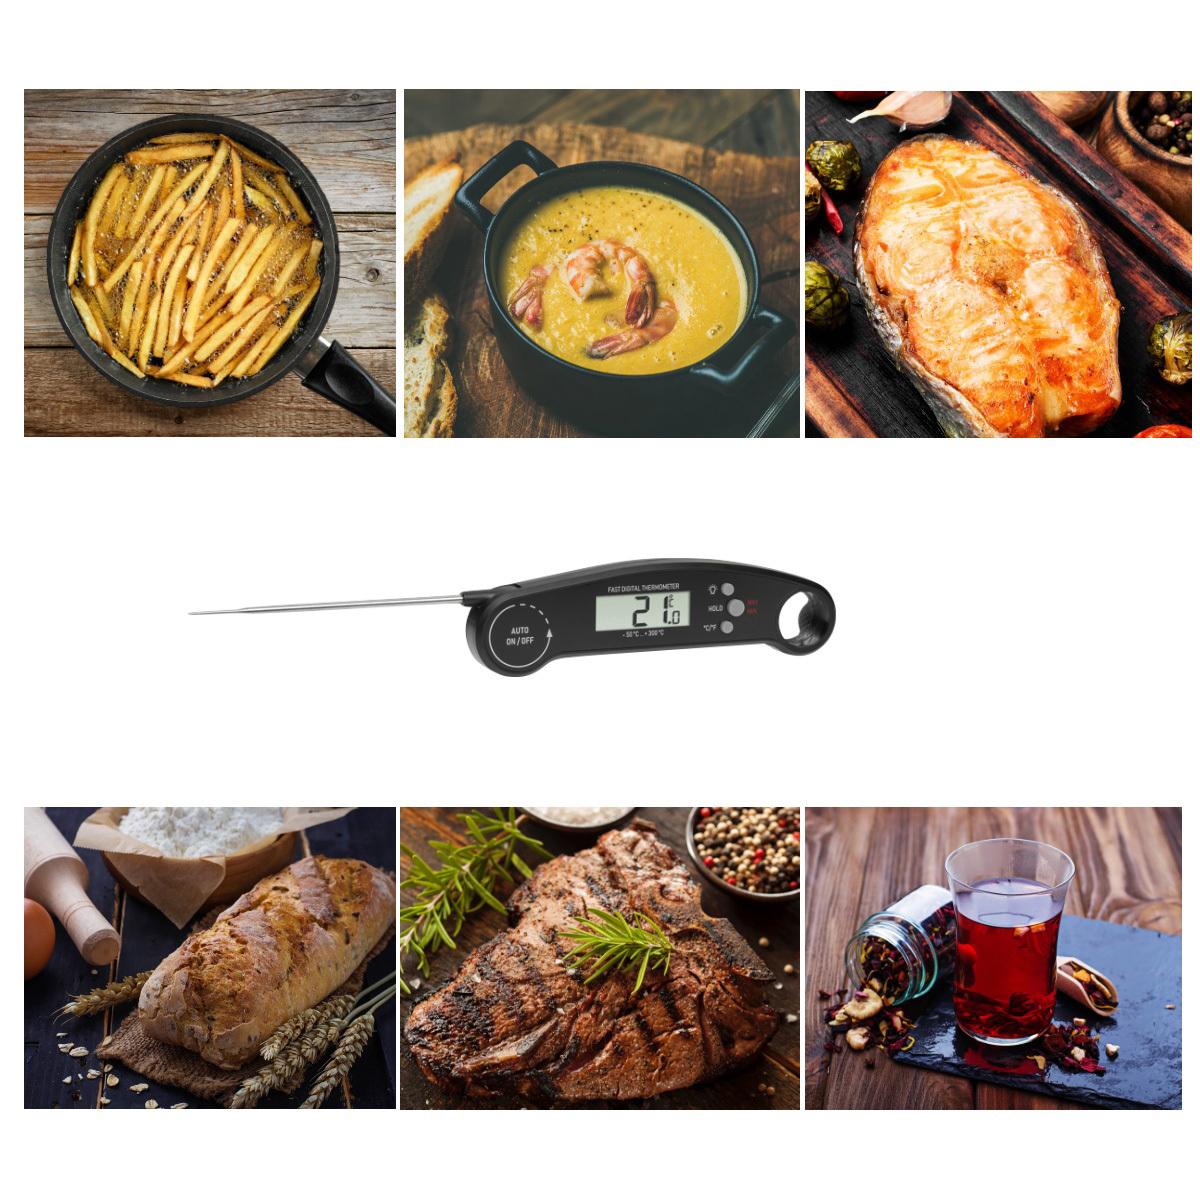 30-1061-01-digitales-küchen-thermometer-anwendung-1200x1200px.jpg